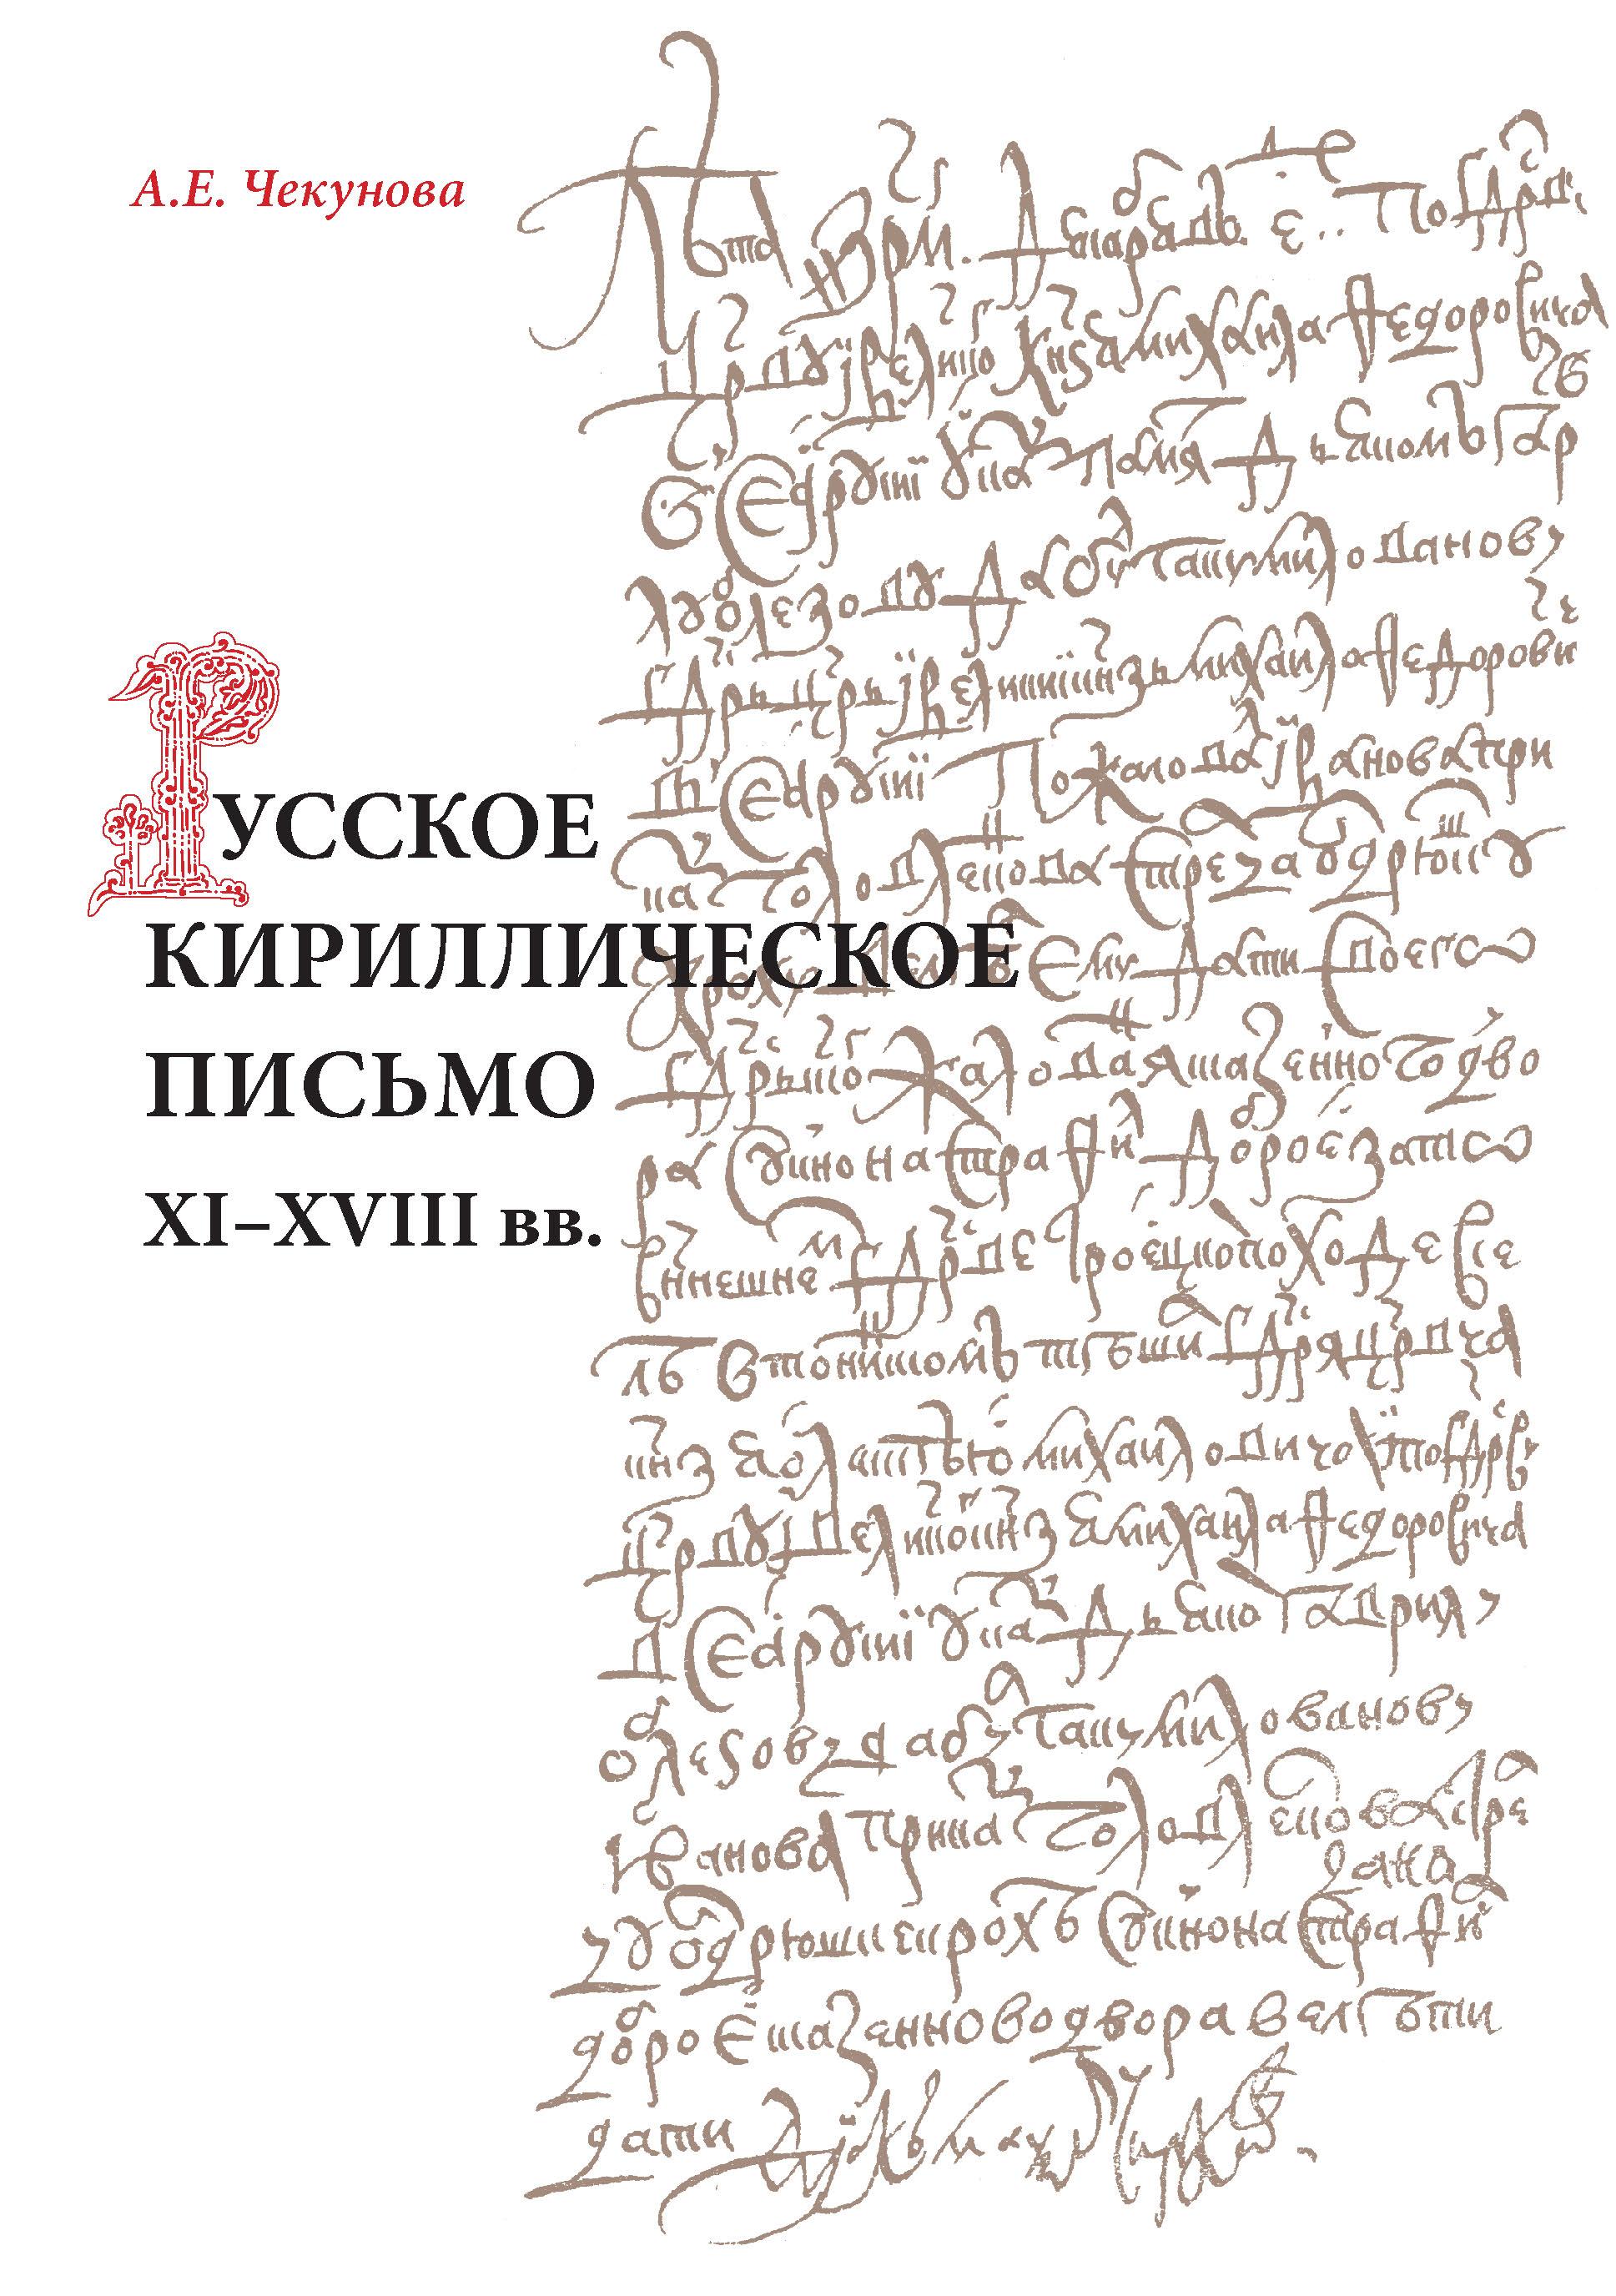 Русское кириллическое письмо XI-XVIII вв.